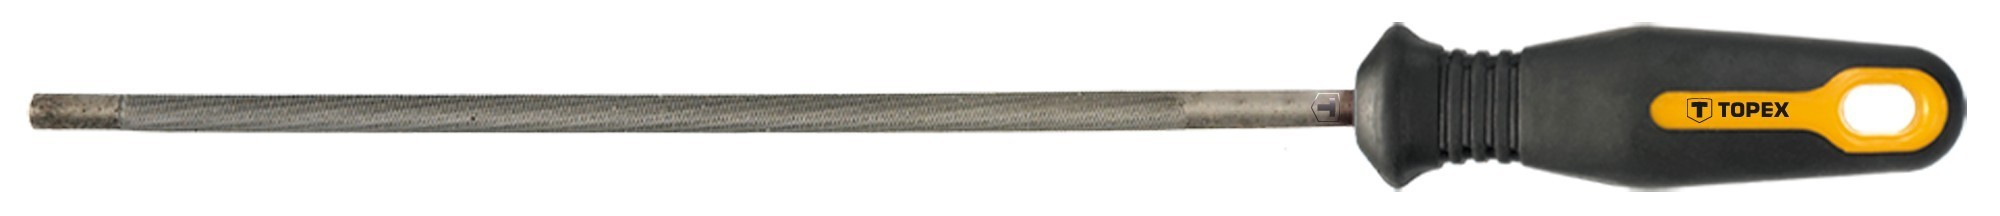 Láncfûrész reszelõ 4,8 mm x 200 mm | TOPEX 06A788